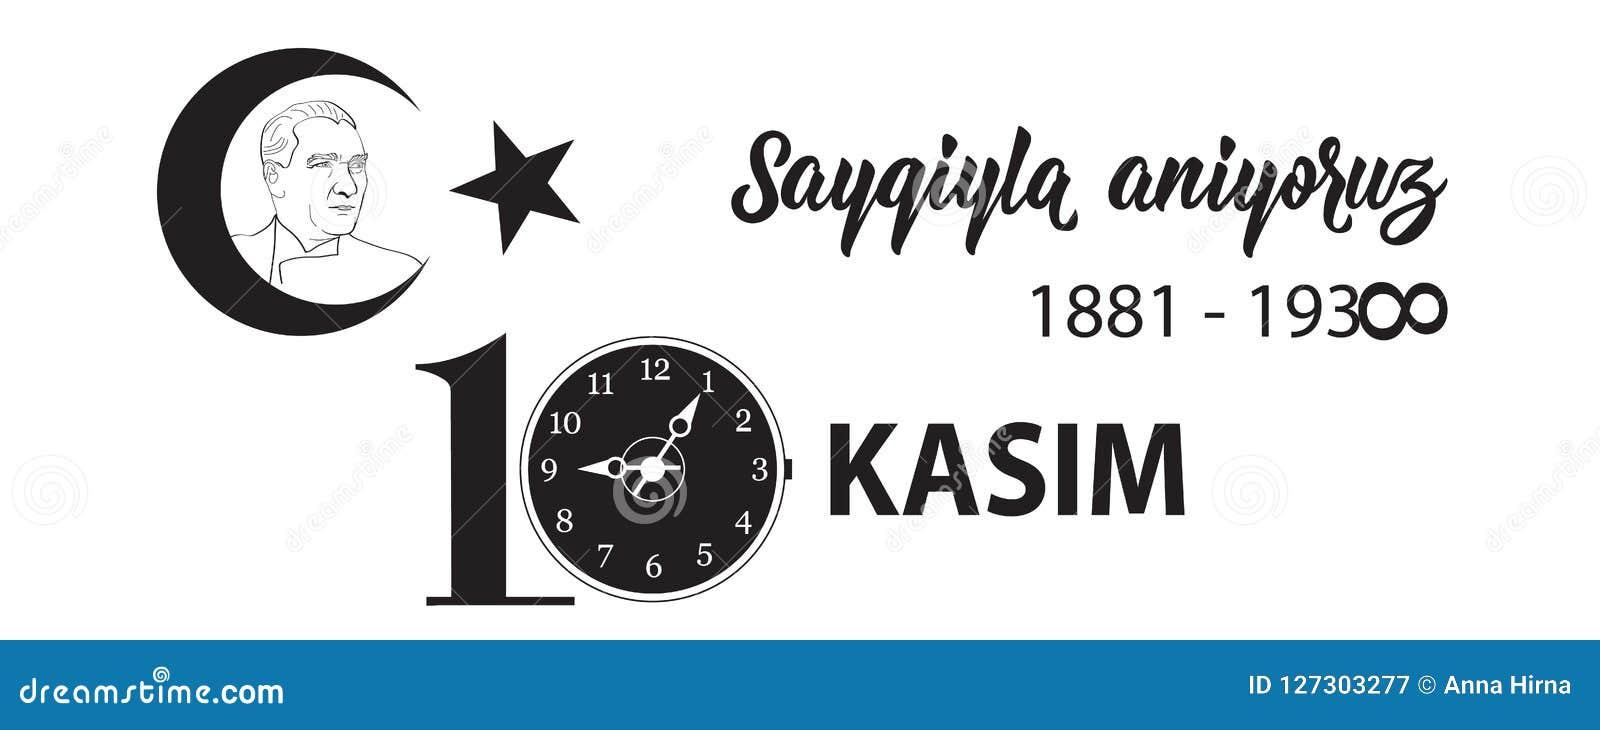 Också vektor för coreldrawillustration jubileums- dag Ataturk för datumNovember 10 död Engelska: November 10, respekt och minns